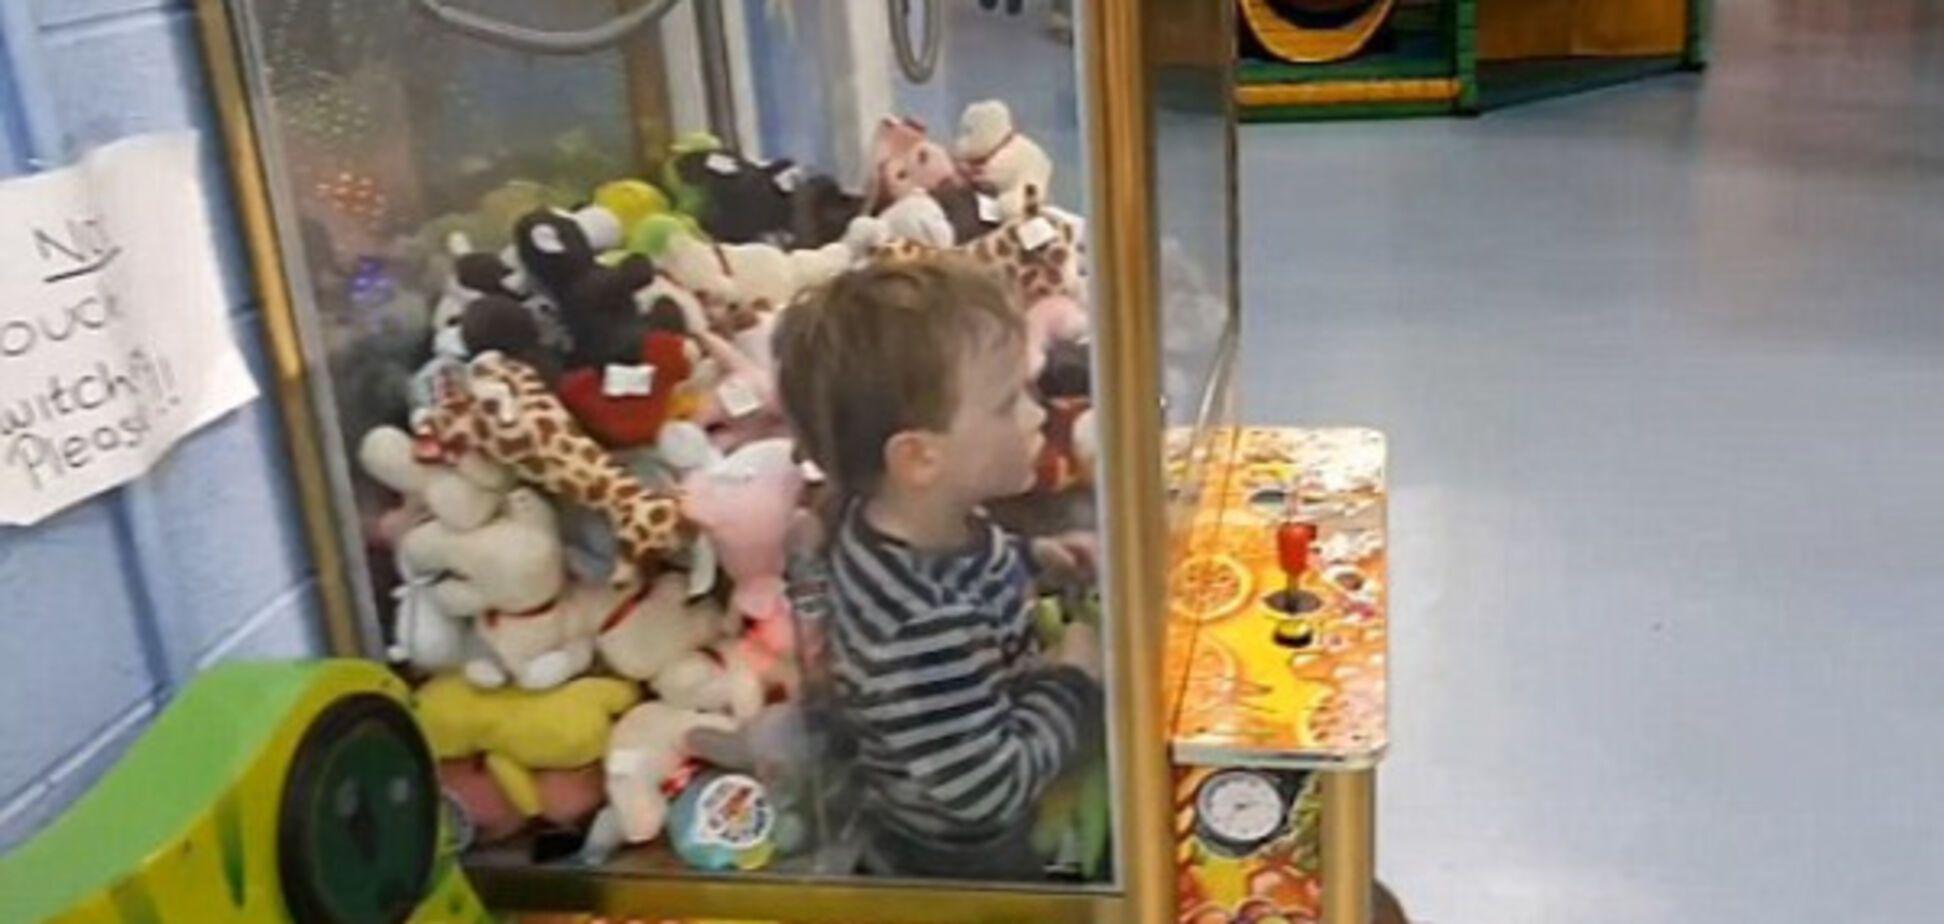 Вижу цель, не вижу препятствий: 4-летний малыш застрял в автомате с игрушками